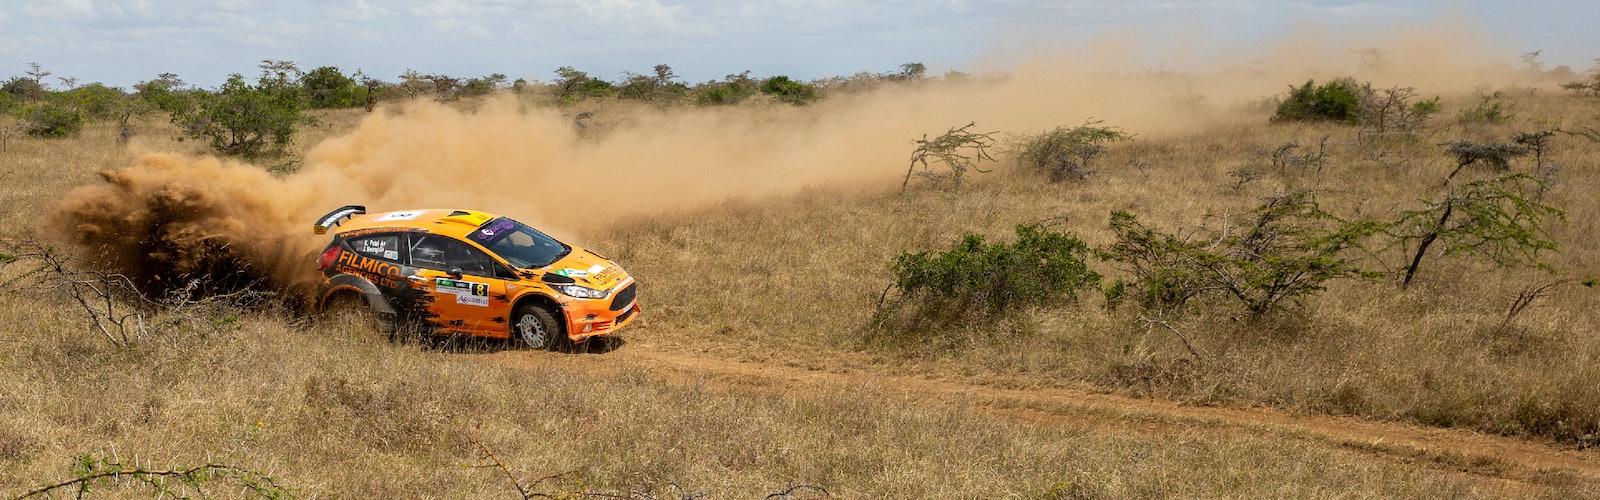 Safari Rally 2019